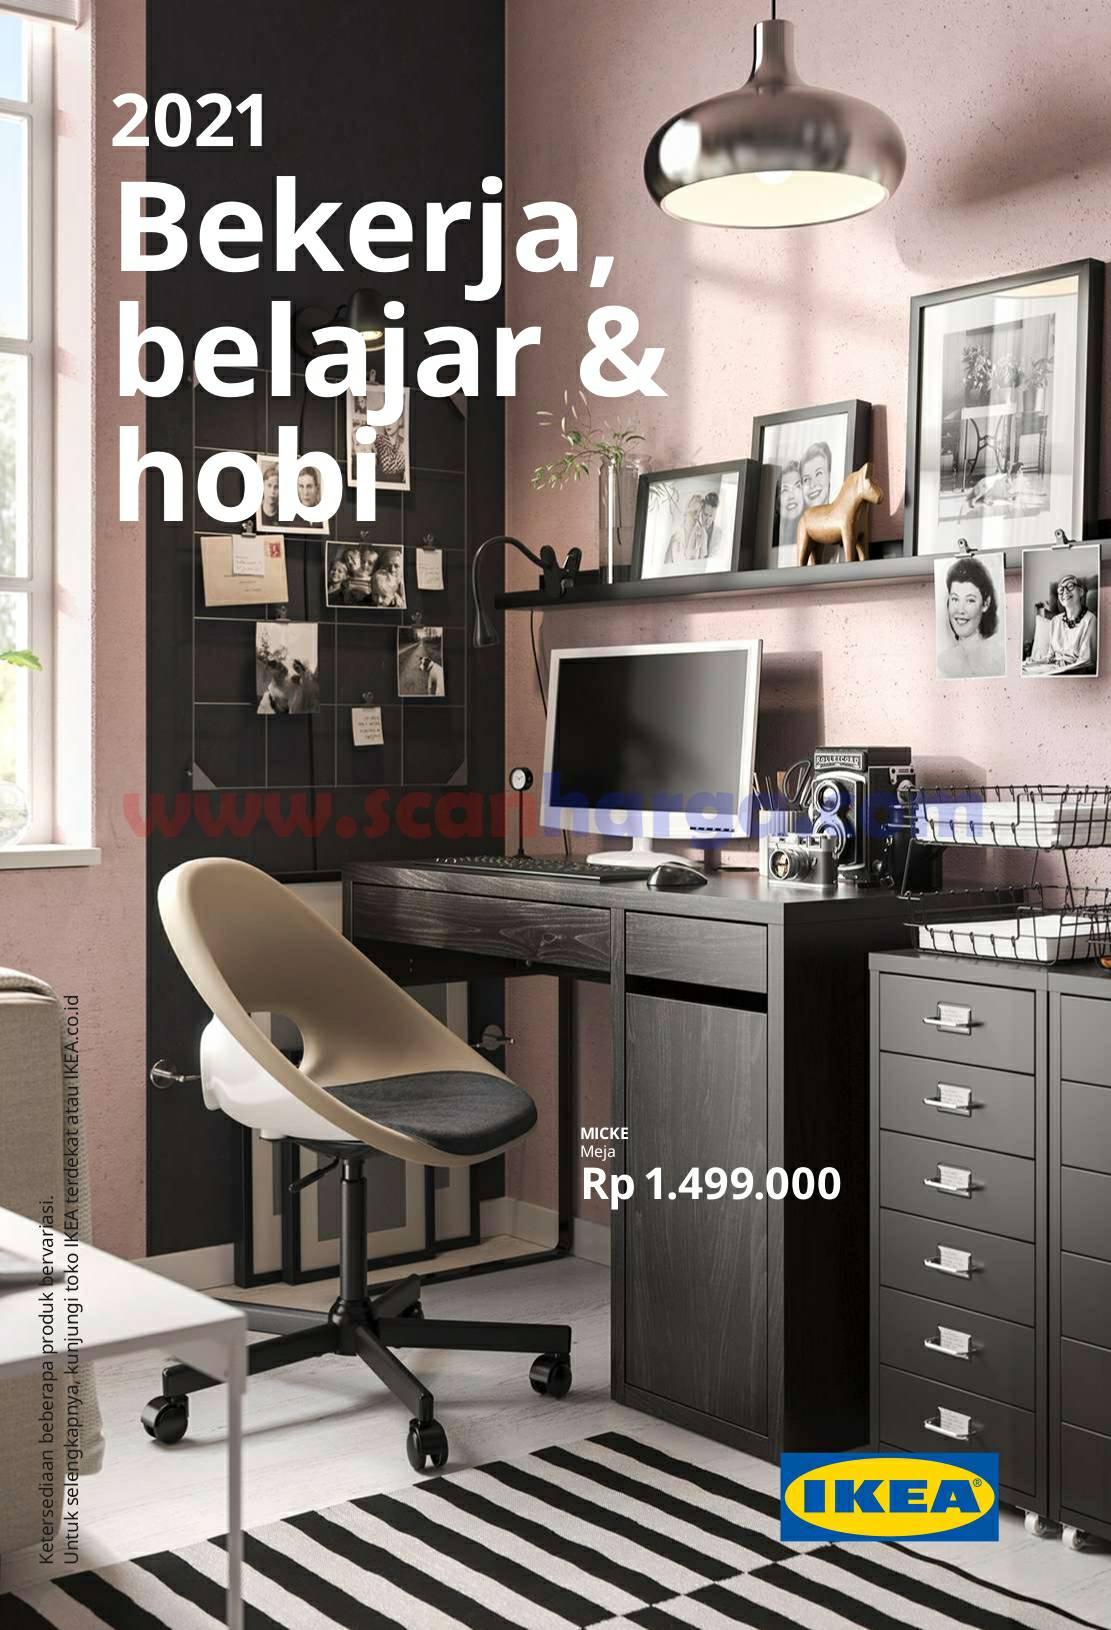 Katalog Harga IKEA Terbaru Katalog IKEA 2021 Full 140 Halaman